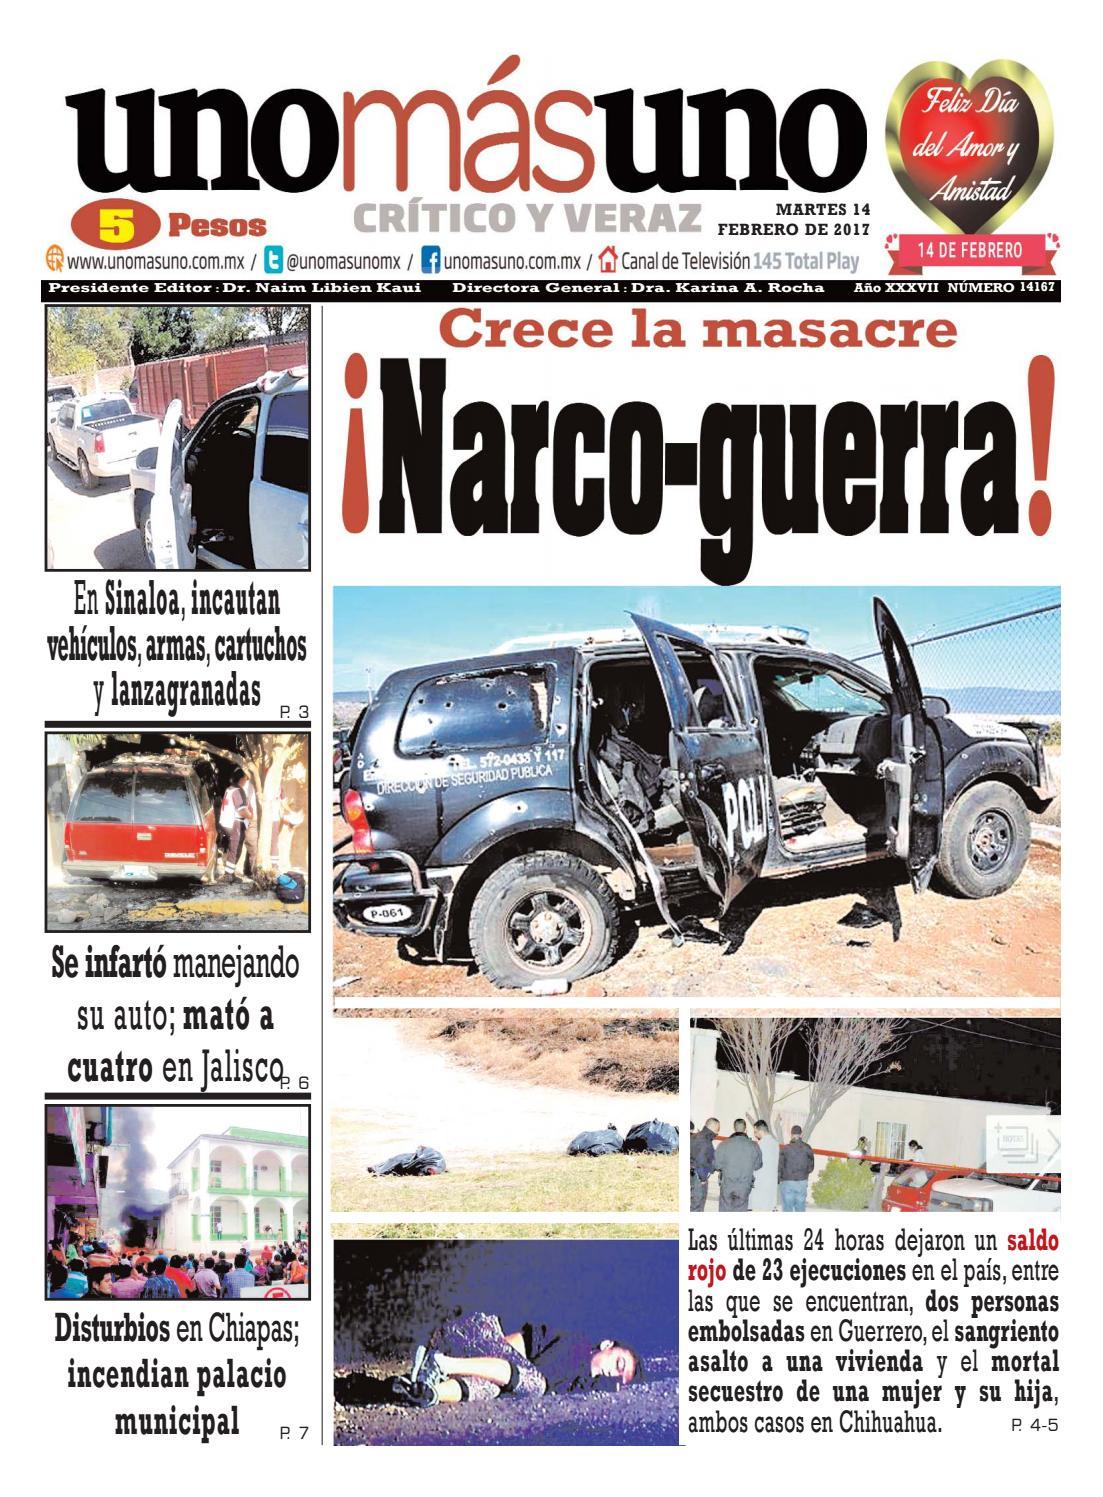 14 de Febrero 2016, Crece la masacre ¡Narco-guerra! by unomásuno ...